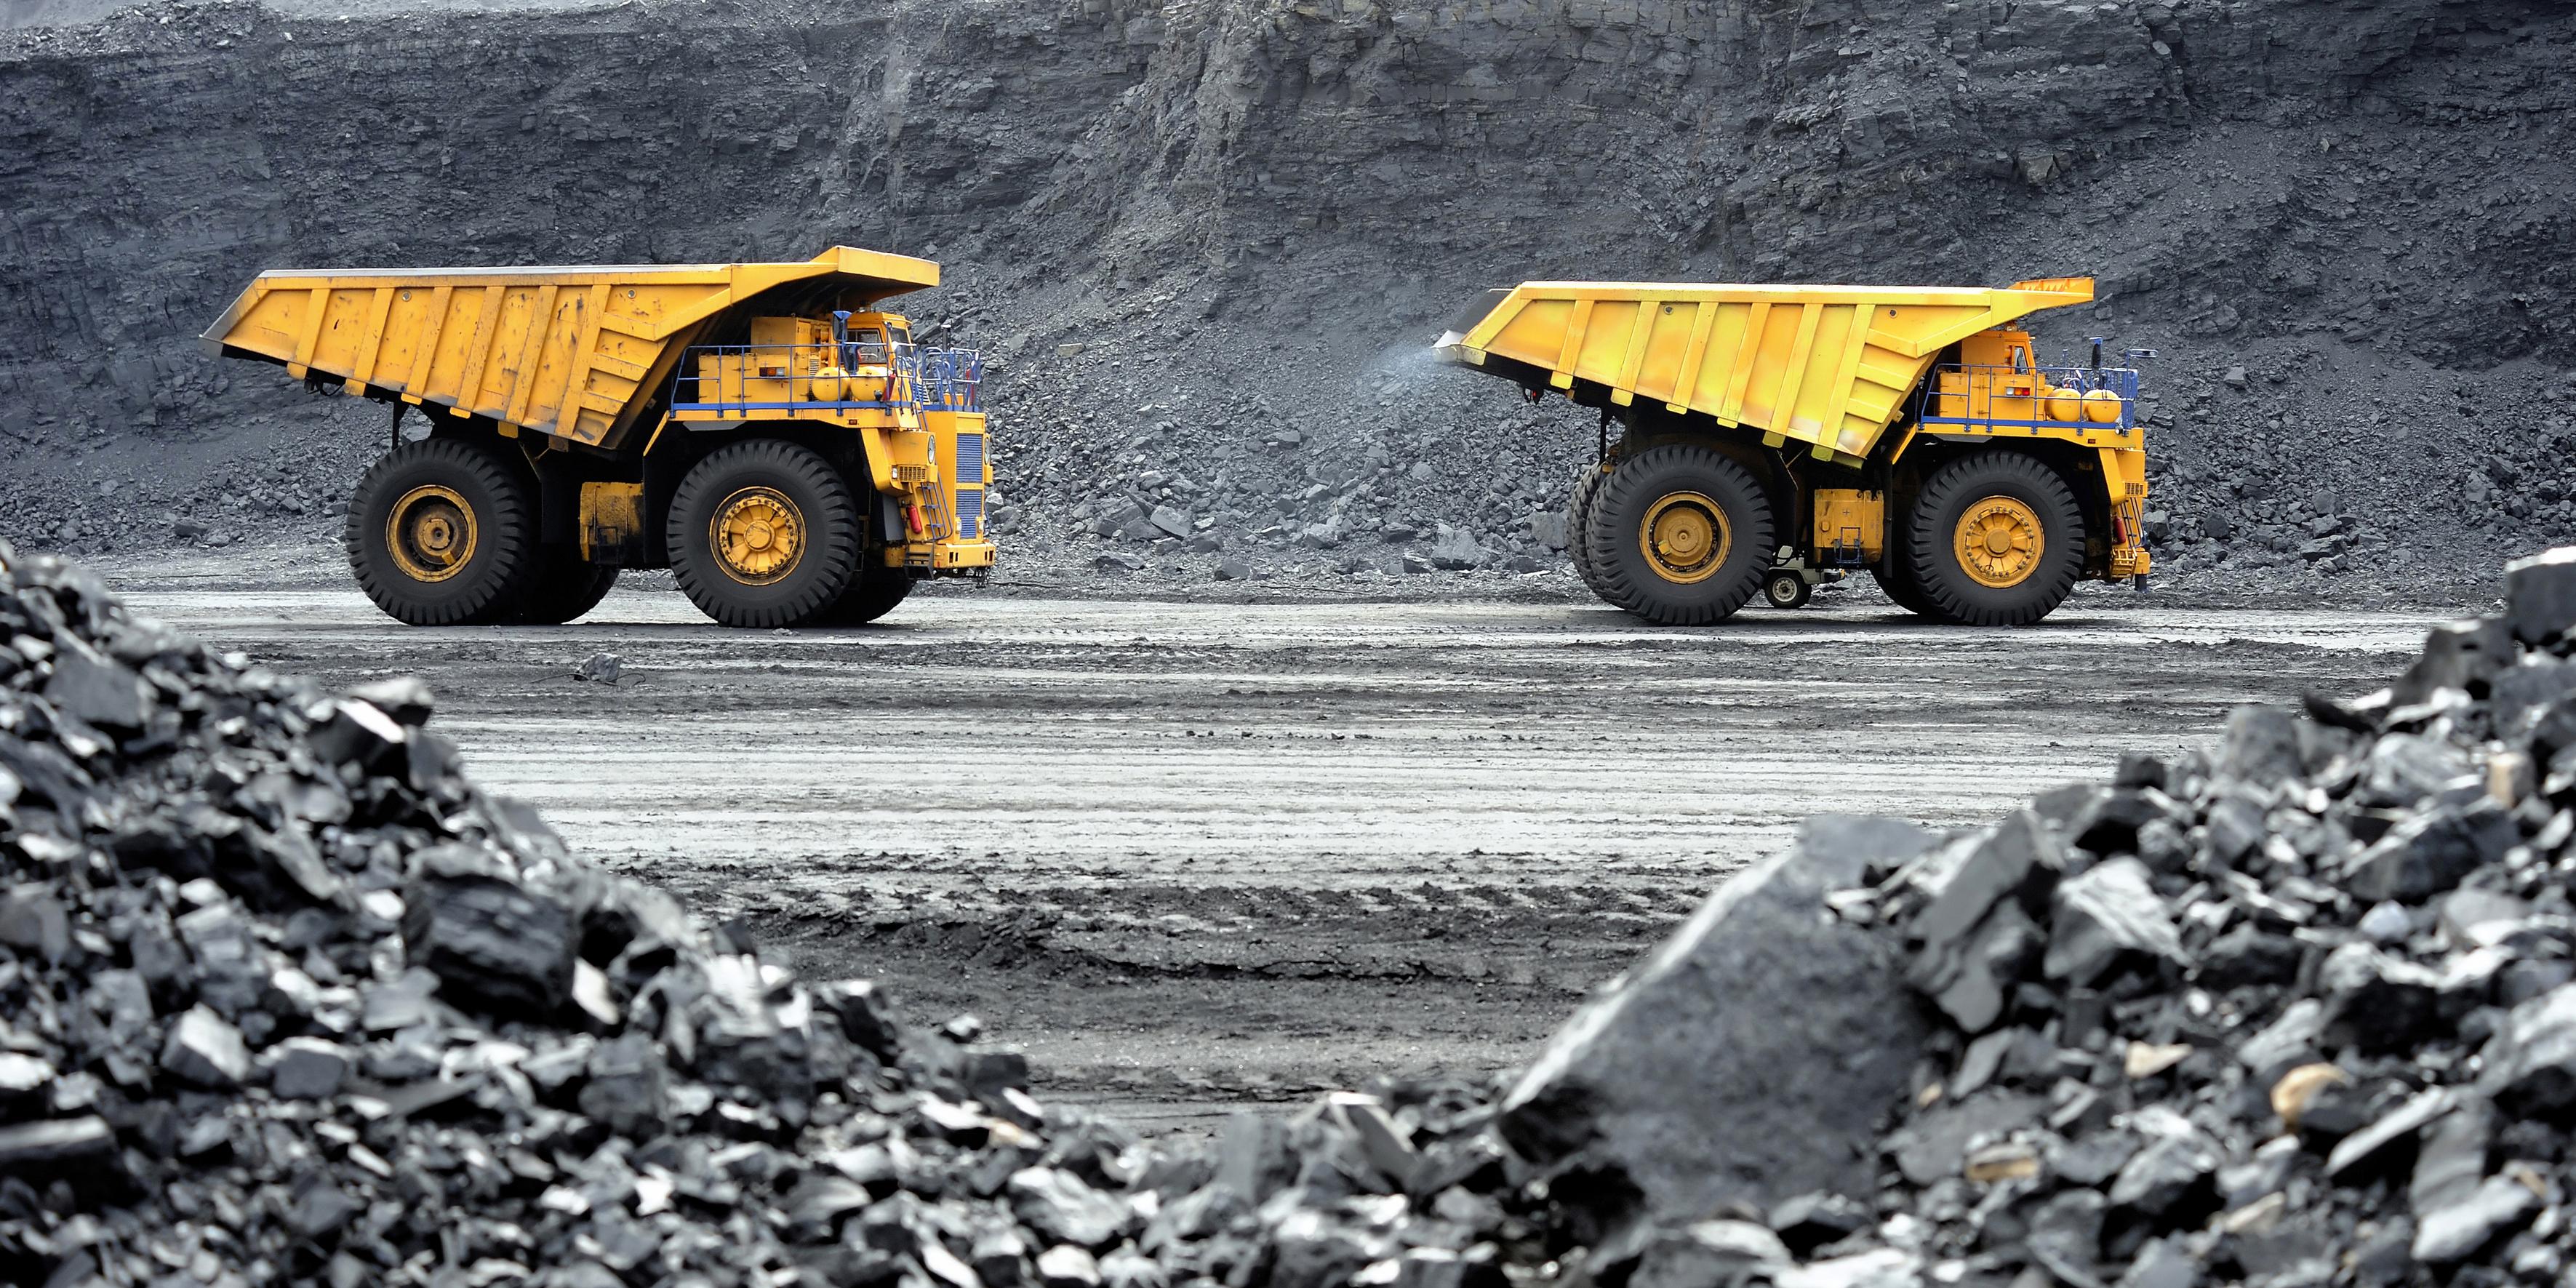 جزئیات جدید از حقوق دولتی معادن/ معافیت 10 درصدی معدنکاران